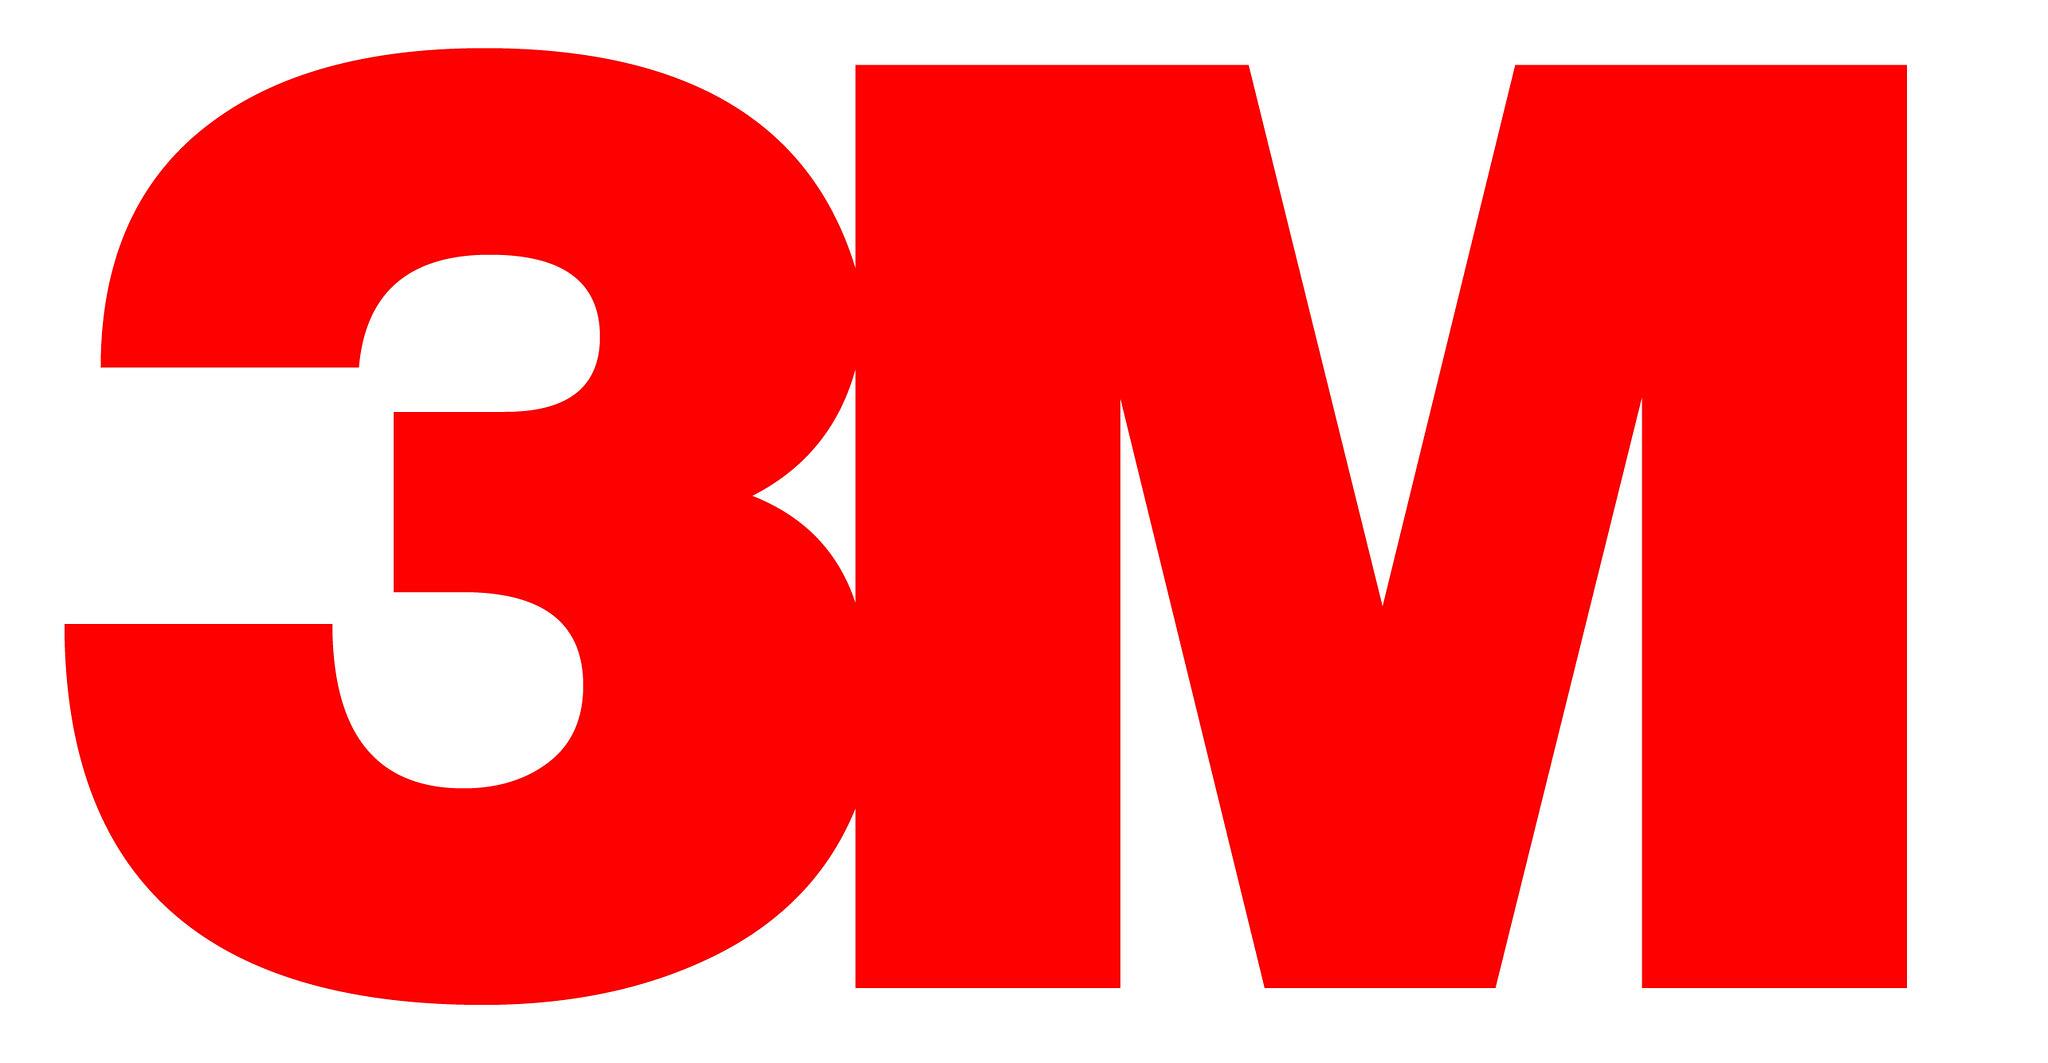 Logo de sponsor